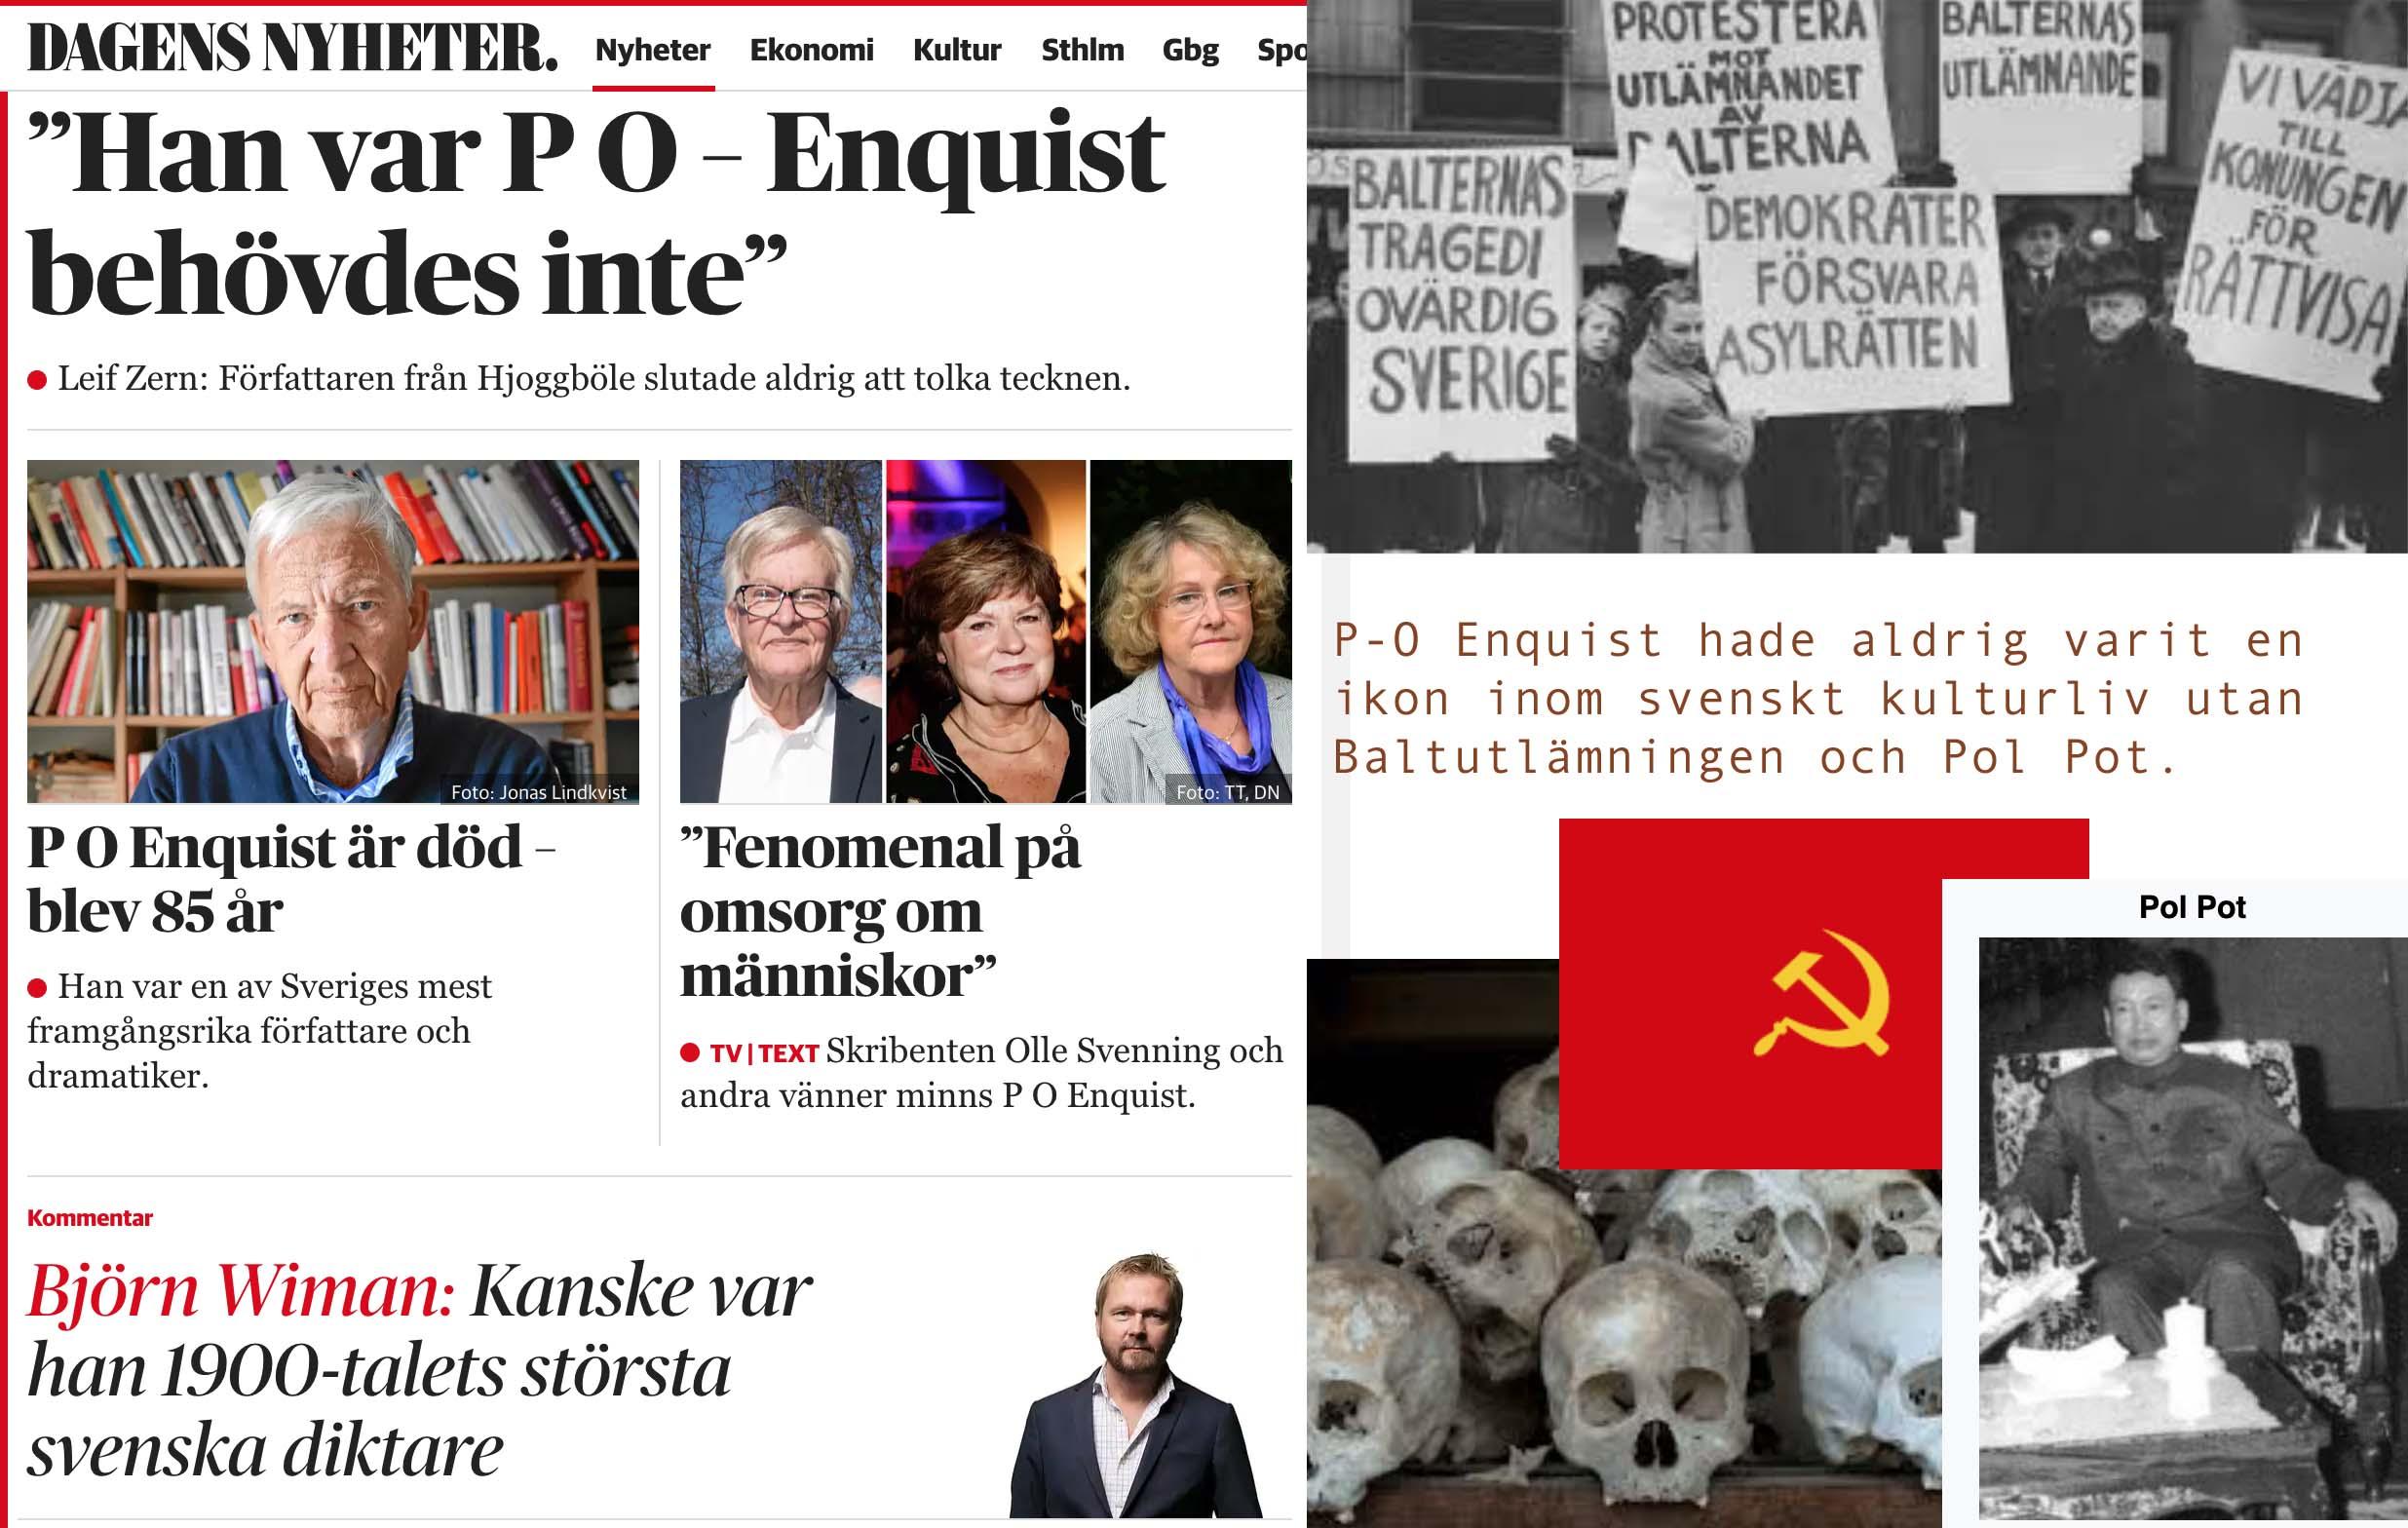 P. O. Enquist var en av medlöparna. Det var detta som byggde hans karriär, glöm inte det. För det är så (s)vensk kultur byggt Sverige.